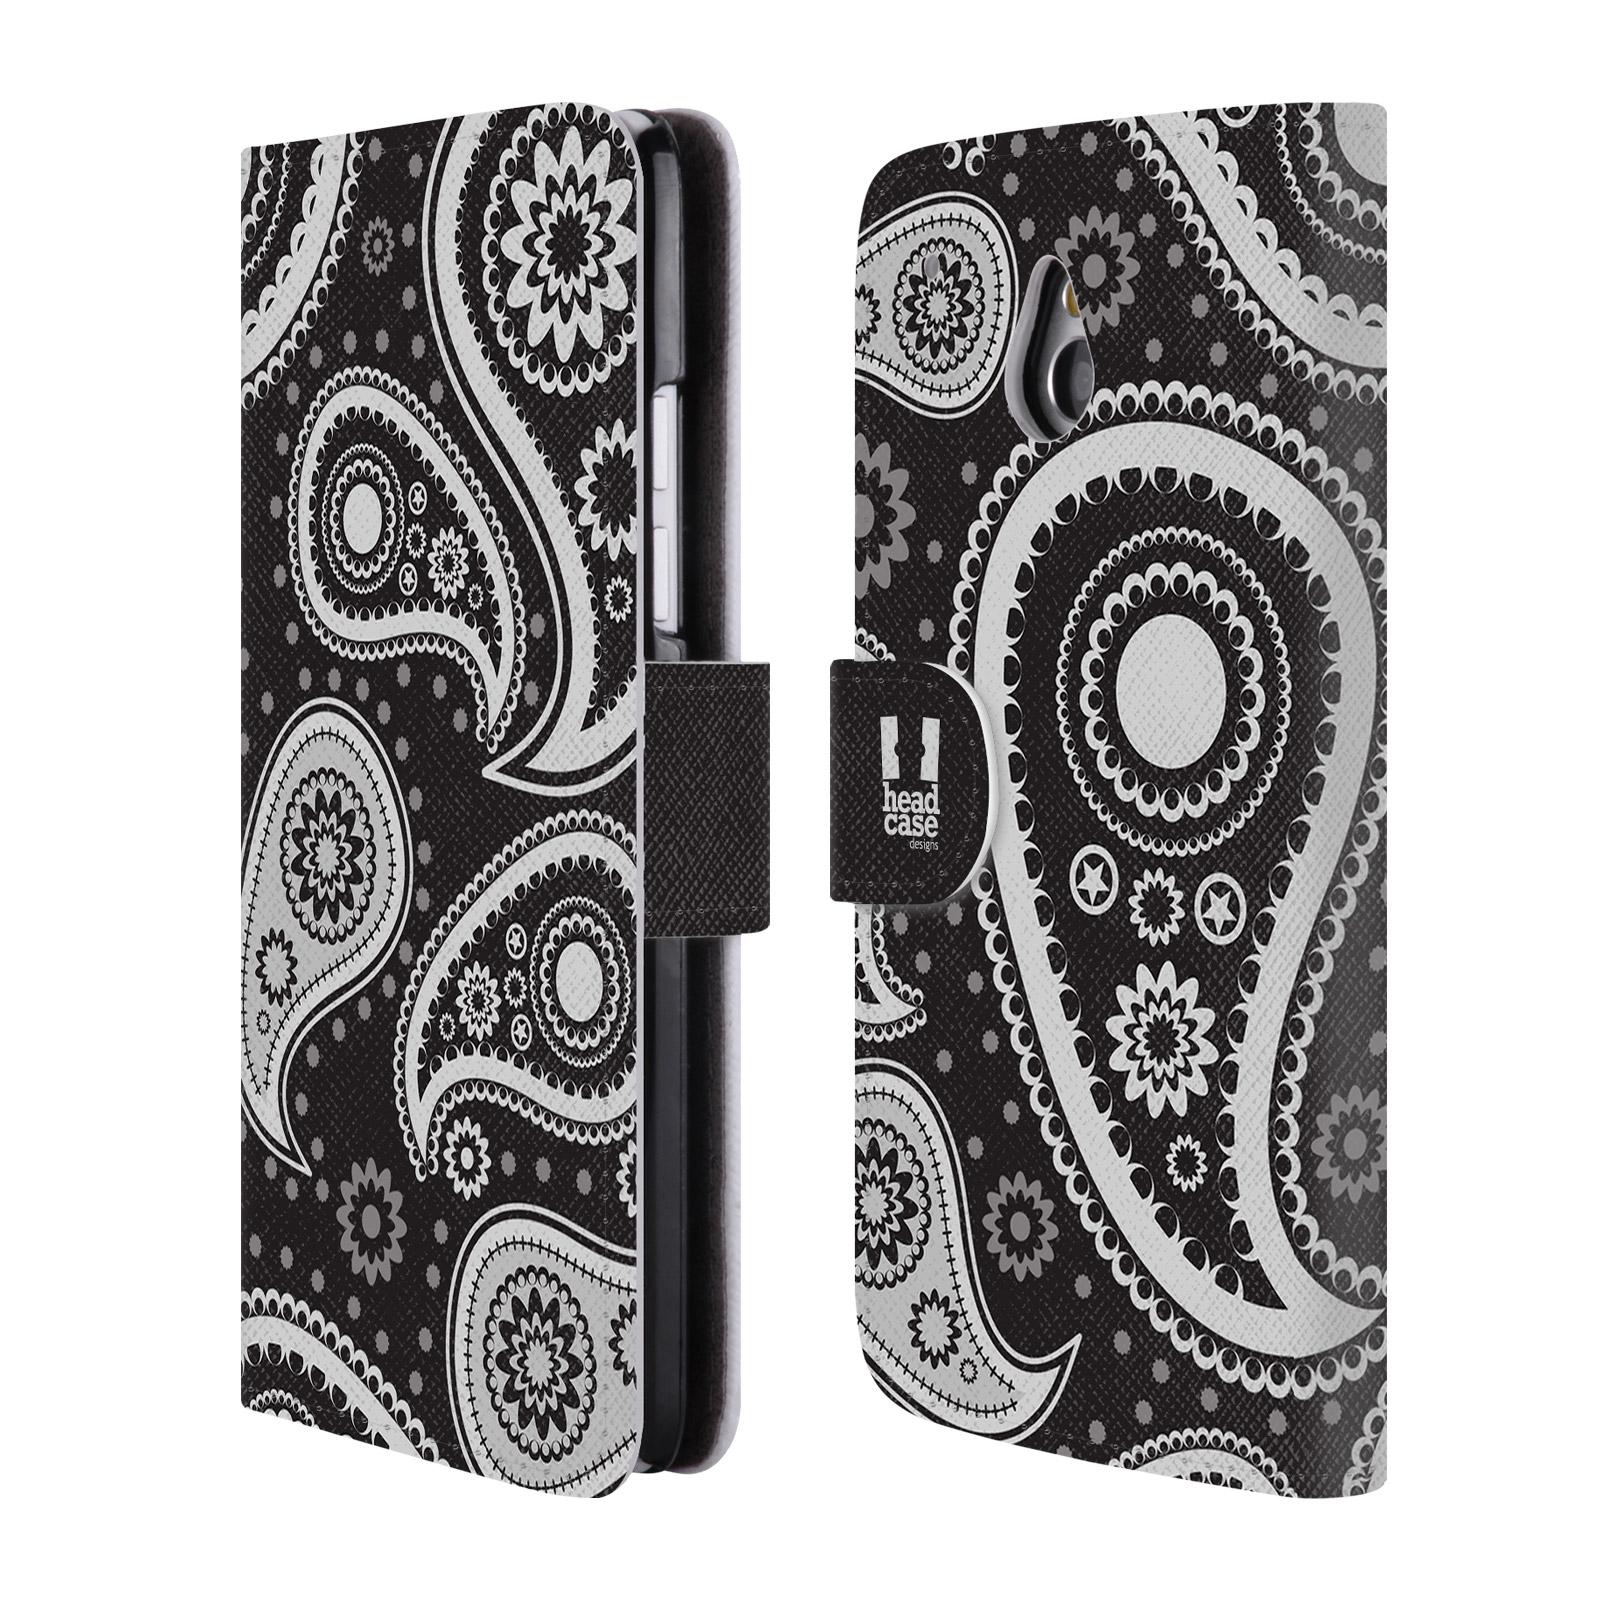 HEAD CASE Flipové pouzdro pro mobil HTC ONE MINI (M4) barevné slzy černá a bílá